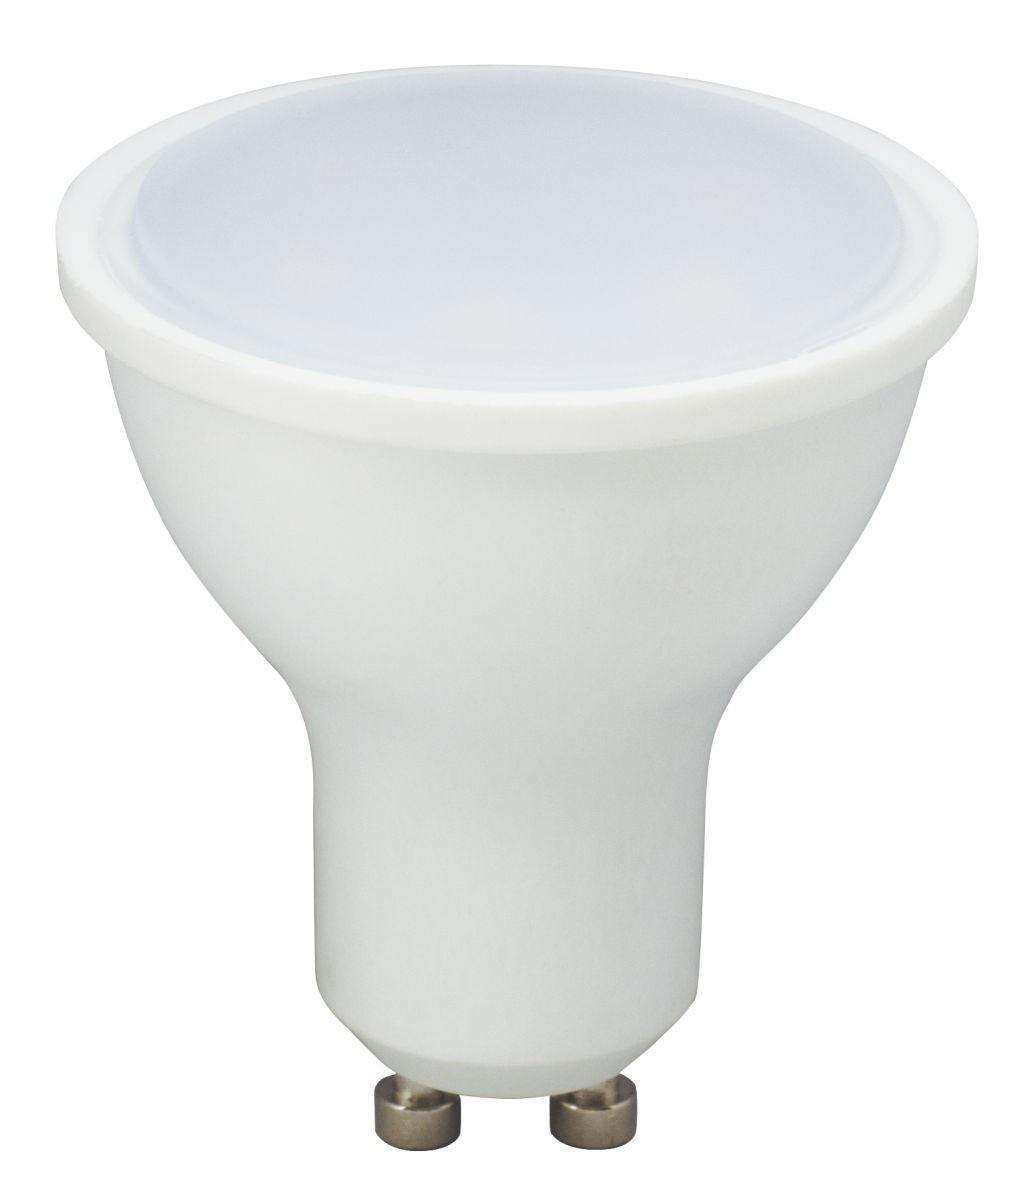 LANDLITE LED-GU10/SXW 6W, melegfehér(3000K) LED izzó